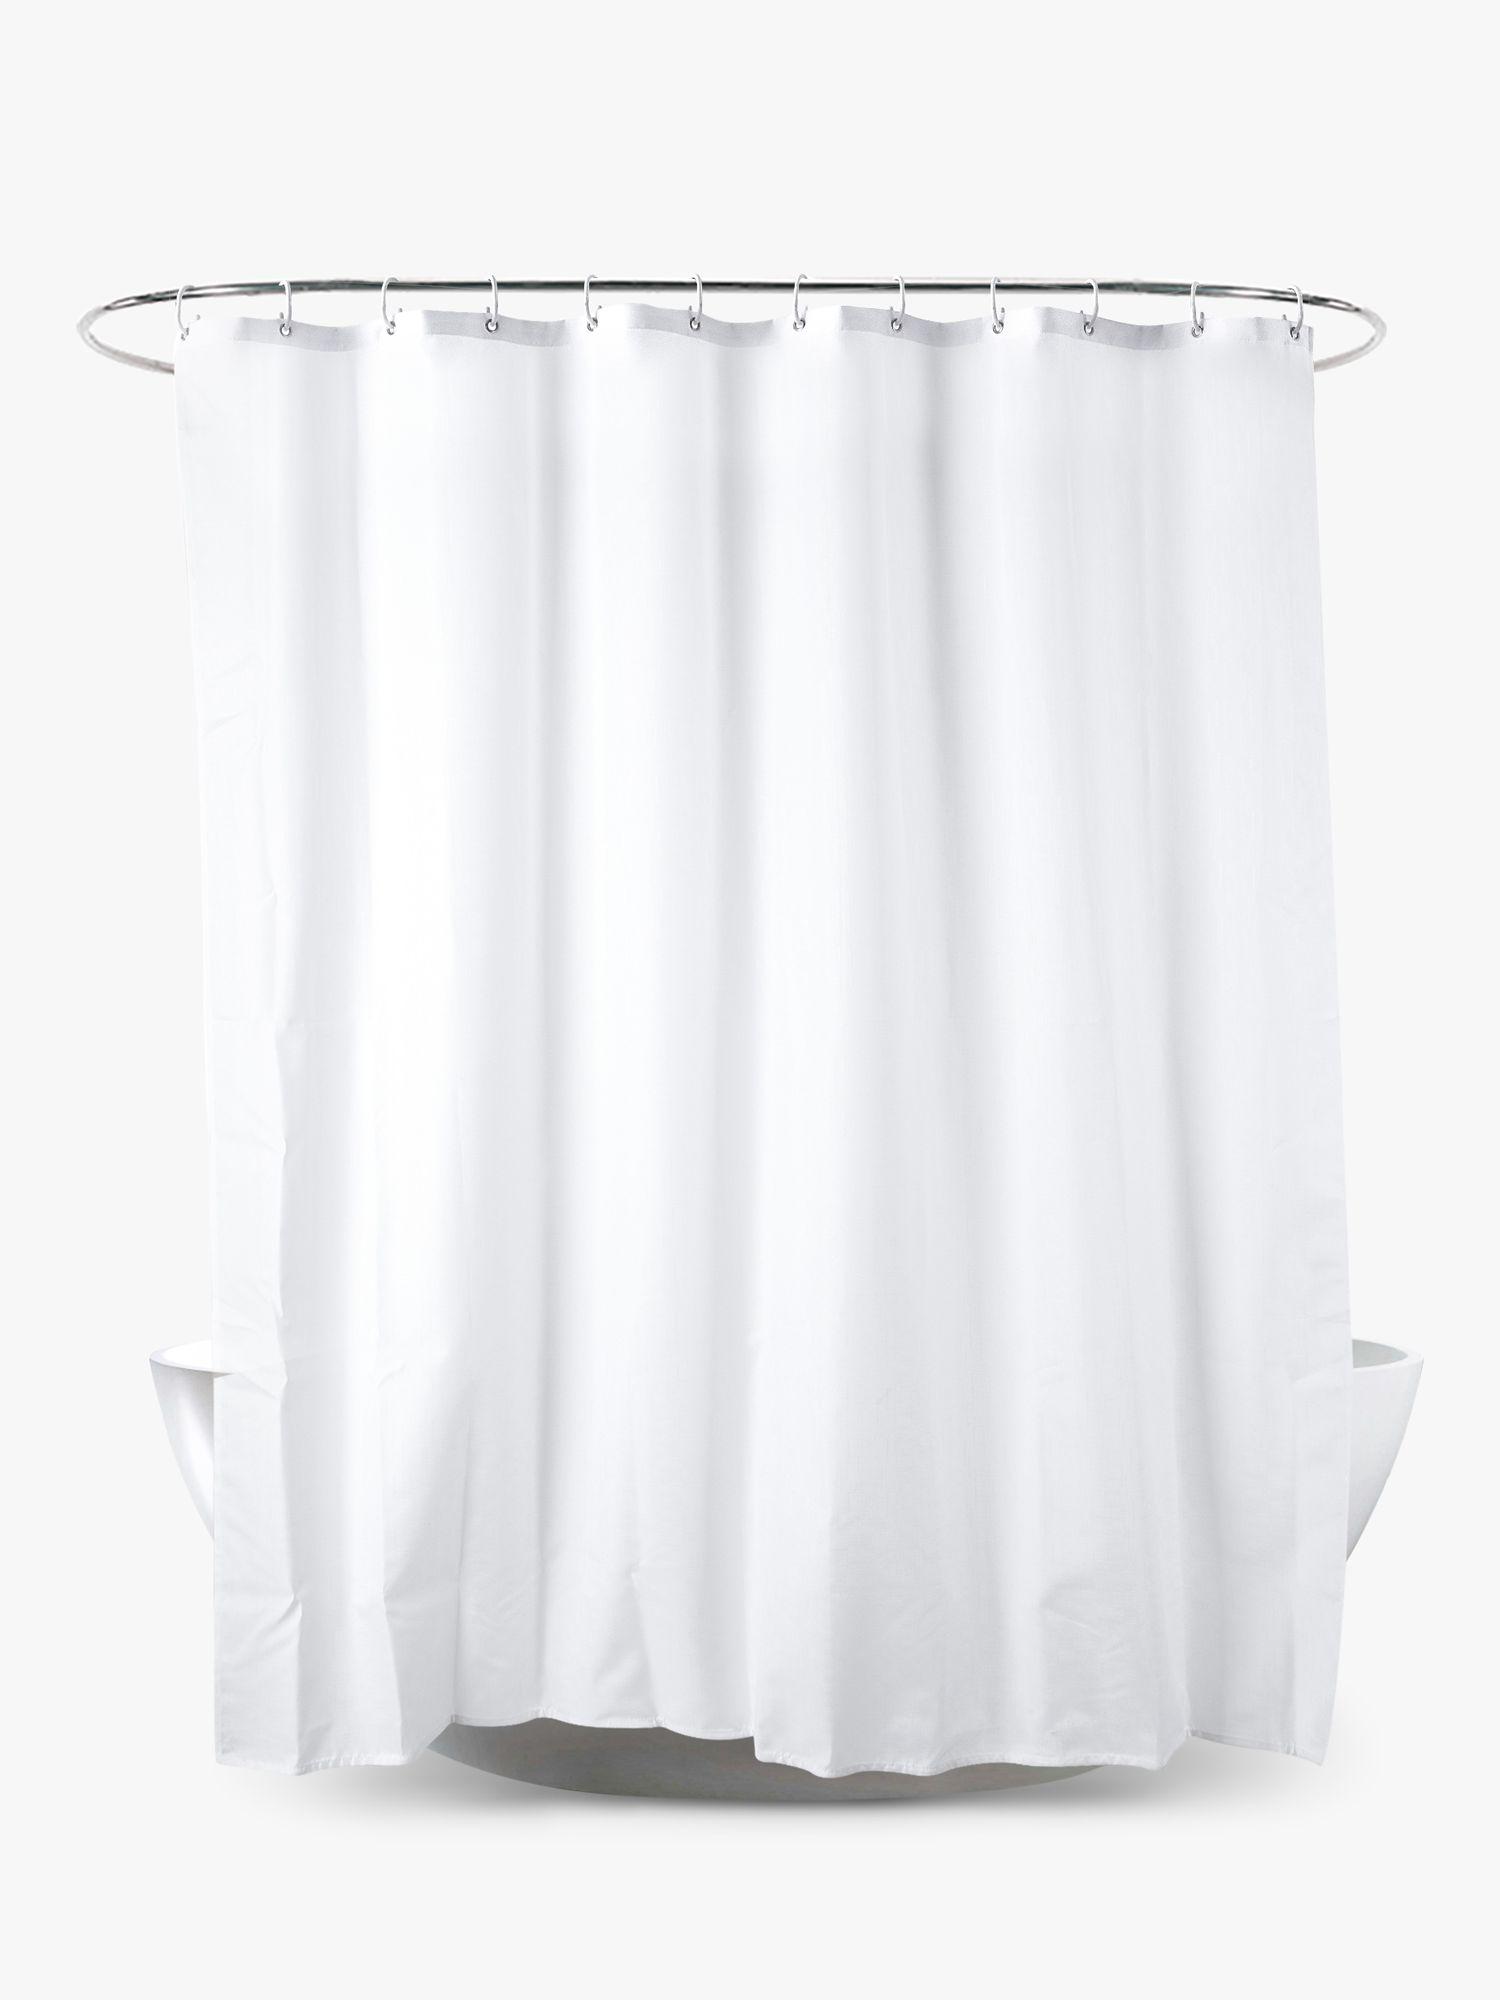 John Lewis & Partners Textured Slub Shower Curtain